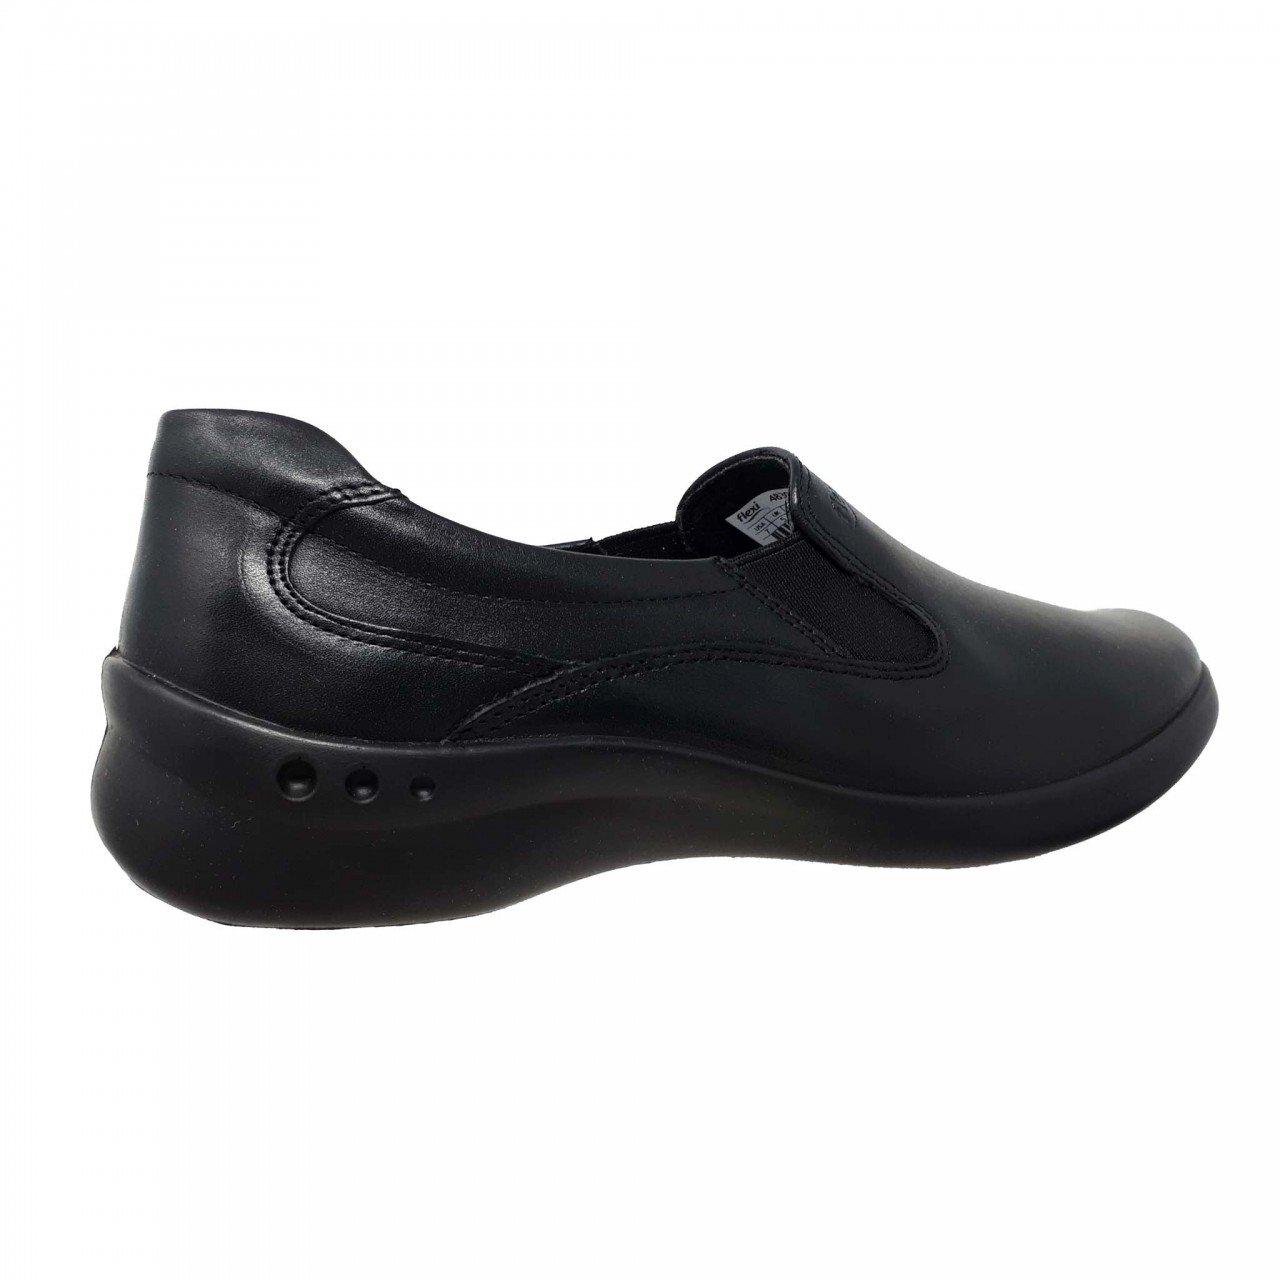 Zapato bajo negro para mujer en piel Flexi 48301